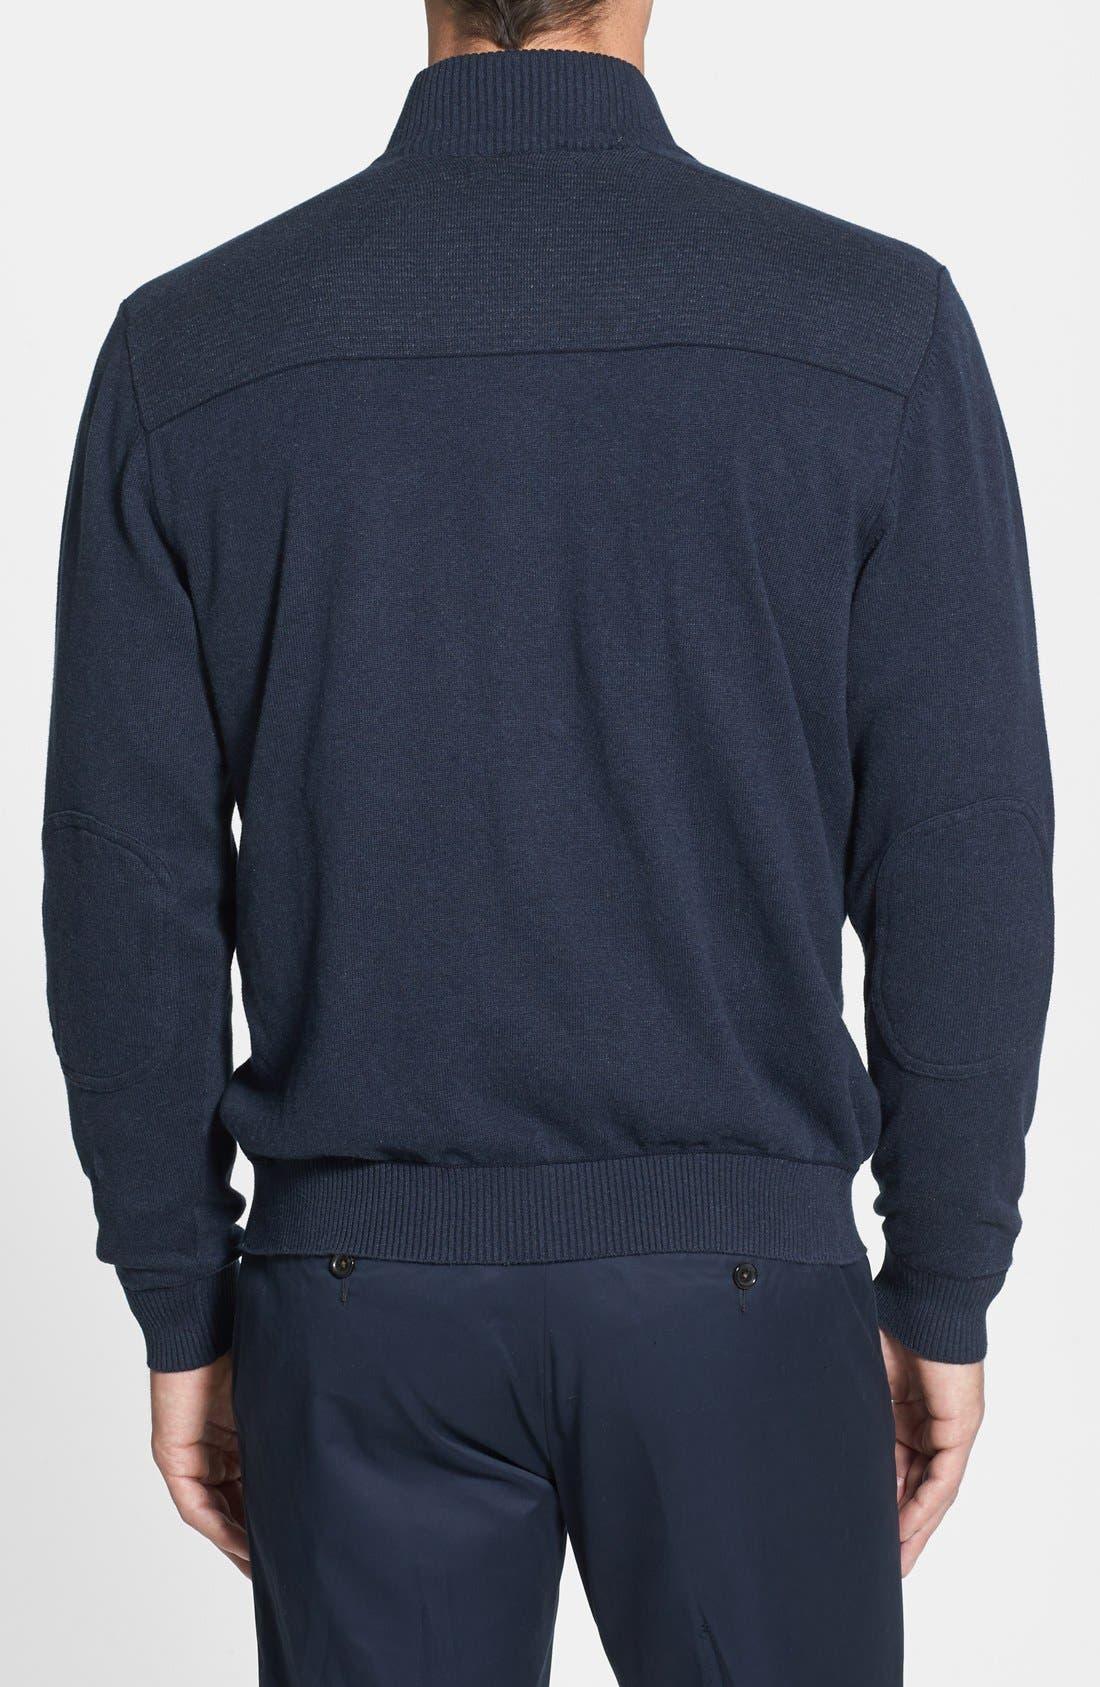 Broadview Half Zip Sweater,                             Alternate thumbnail 2, color,                             480